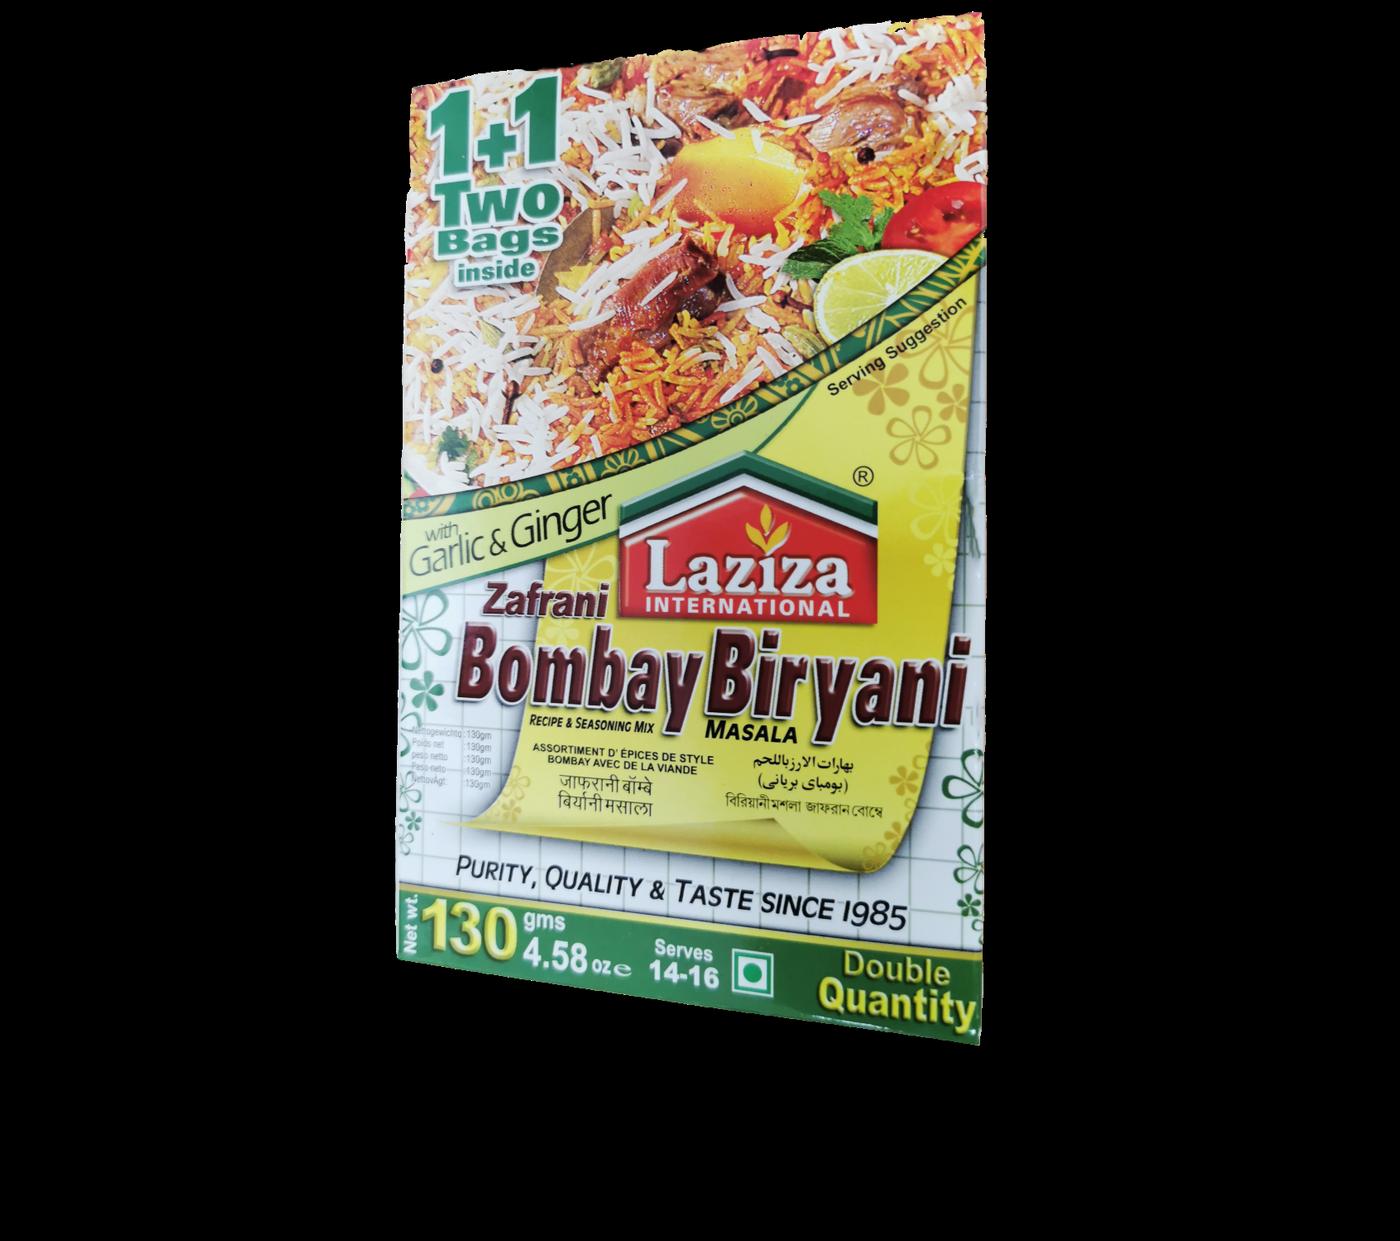 Laziza Zafrani Bombay Biryani